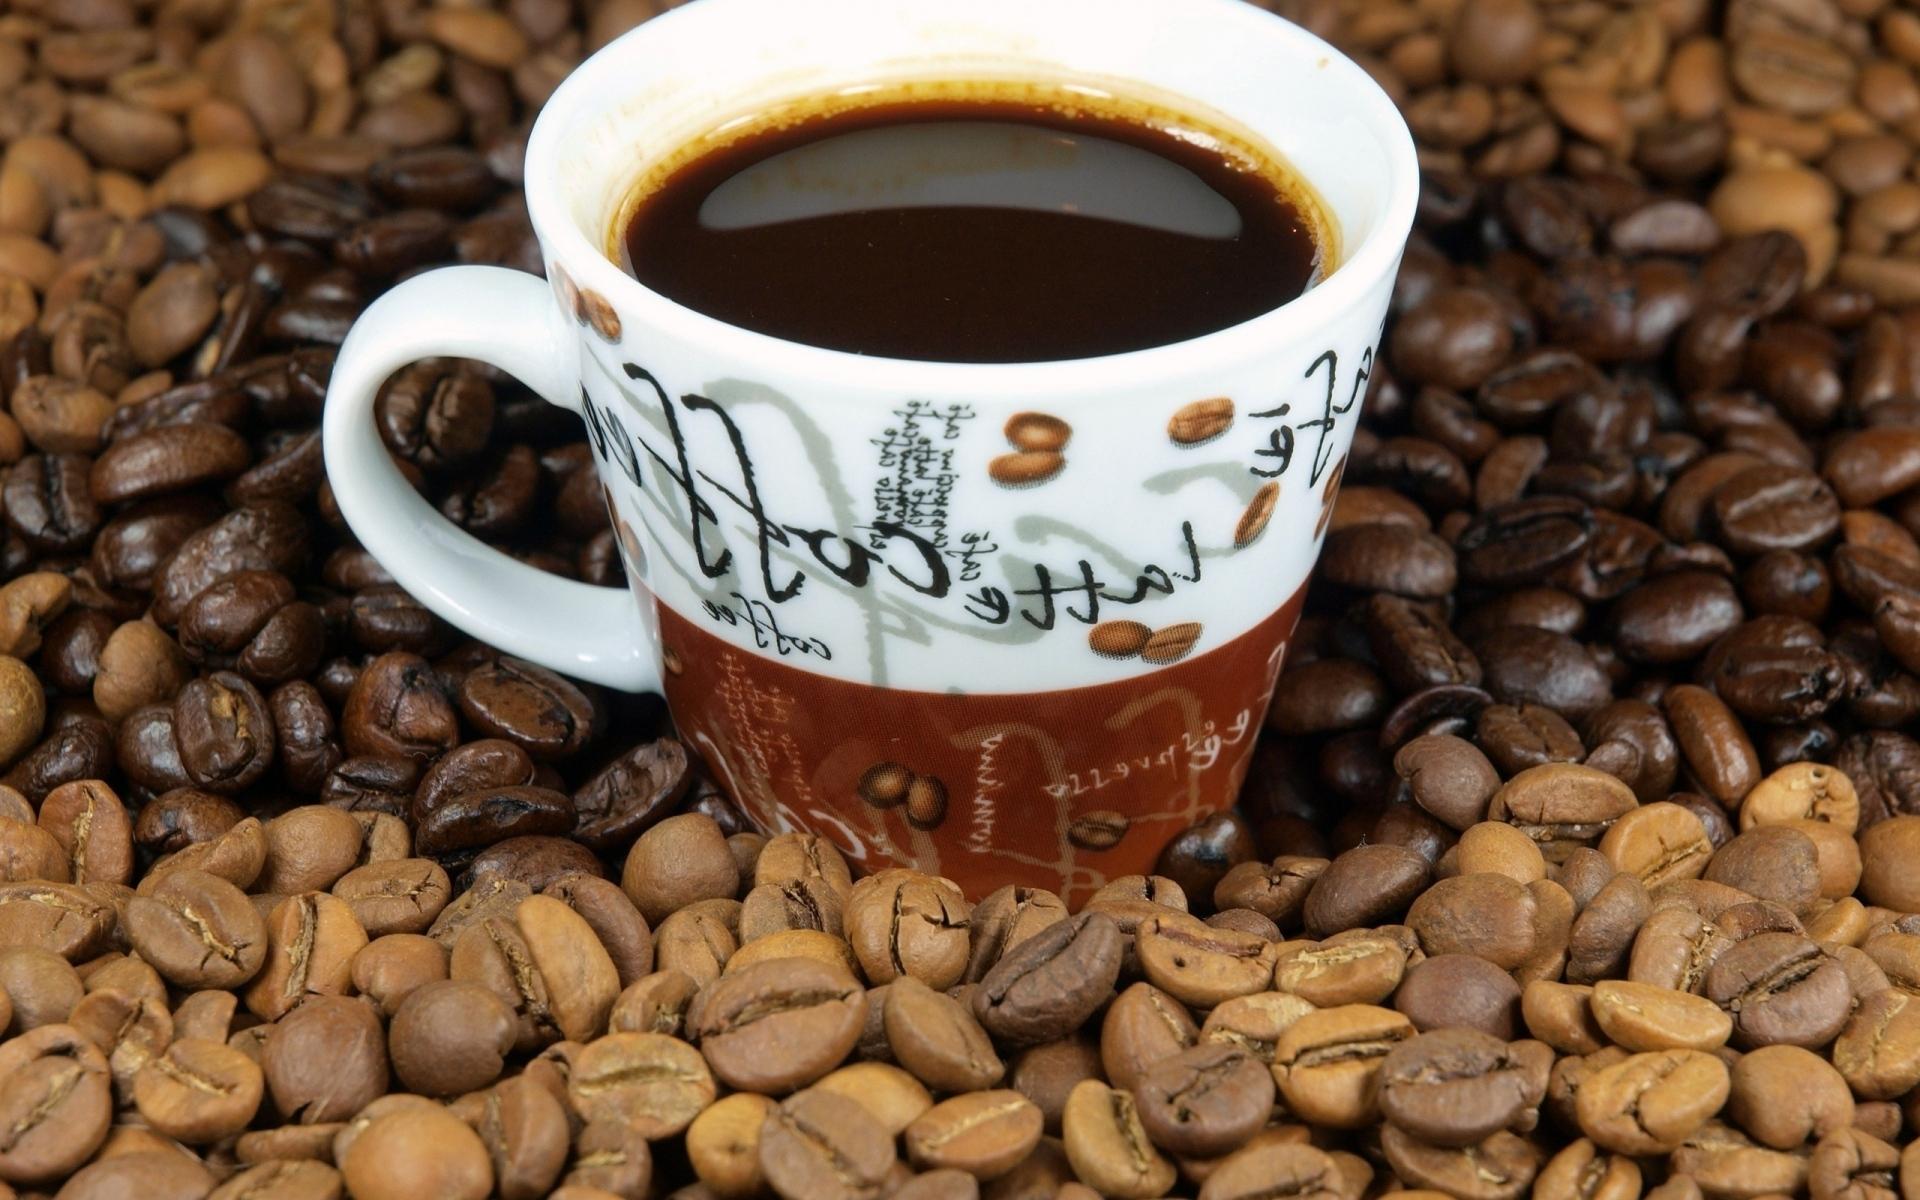 Картинки Кофе, кофе в зернах, специи, напитки фото и обои на рабочий стол